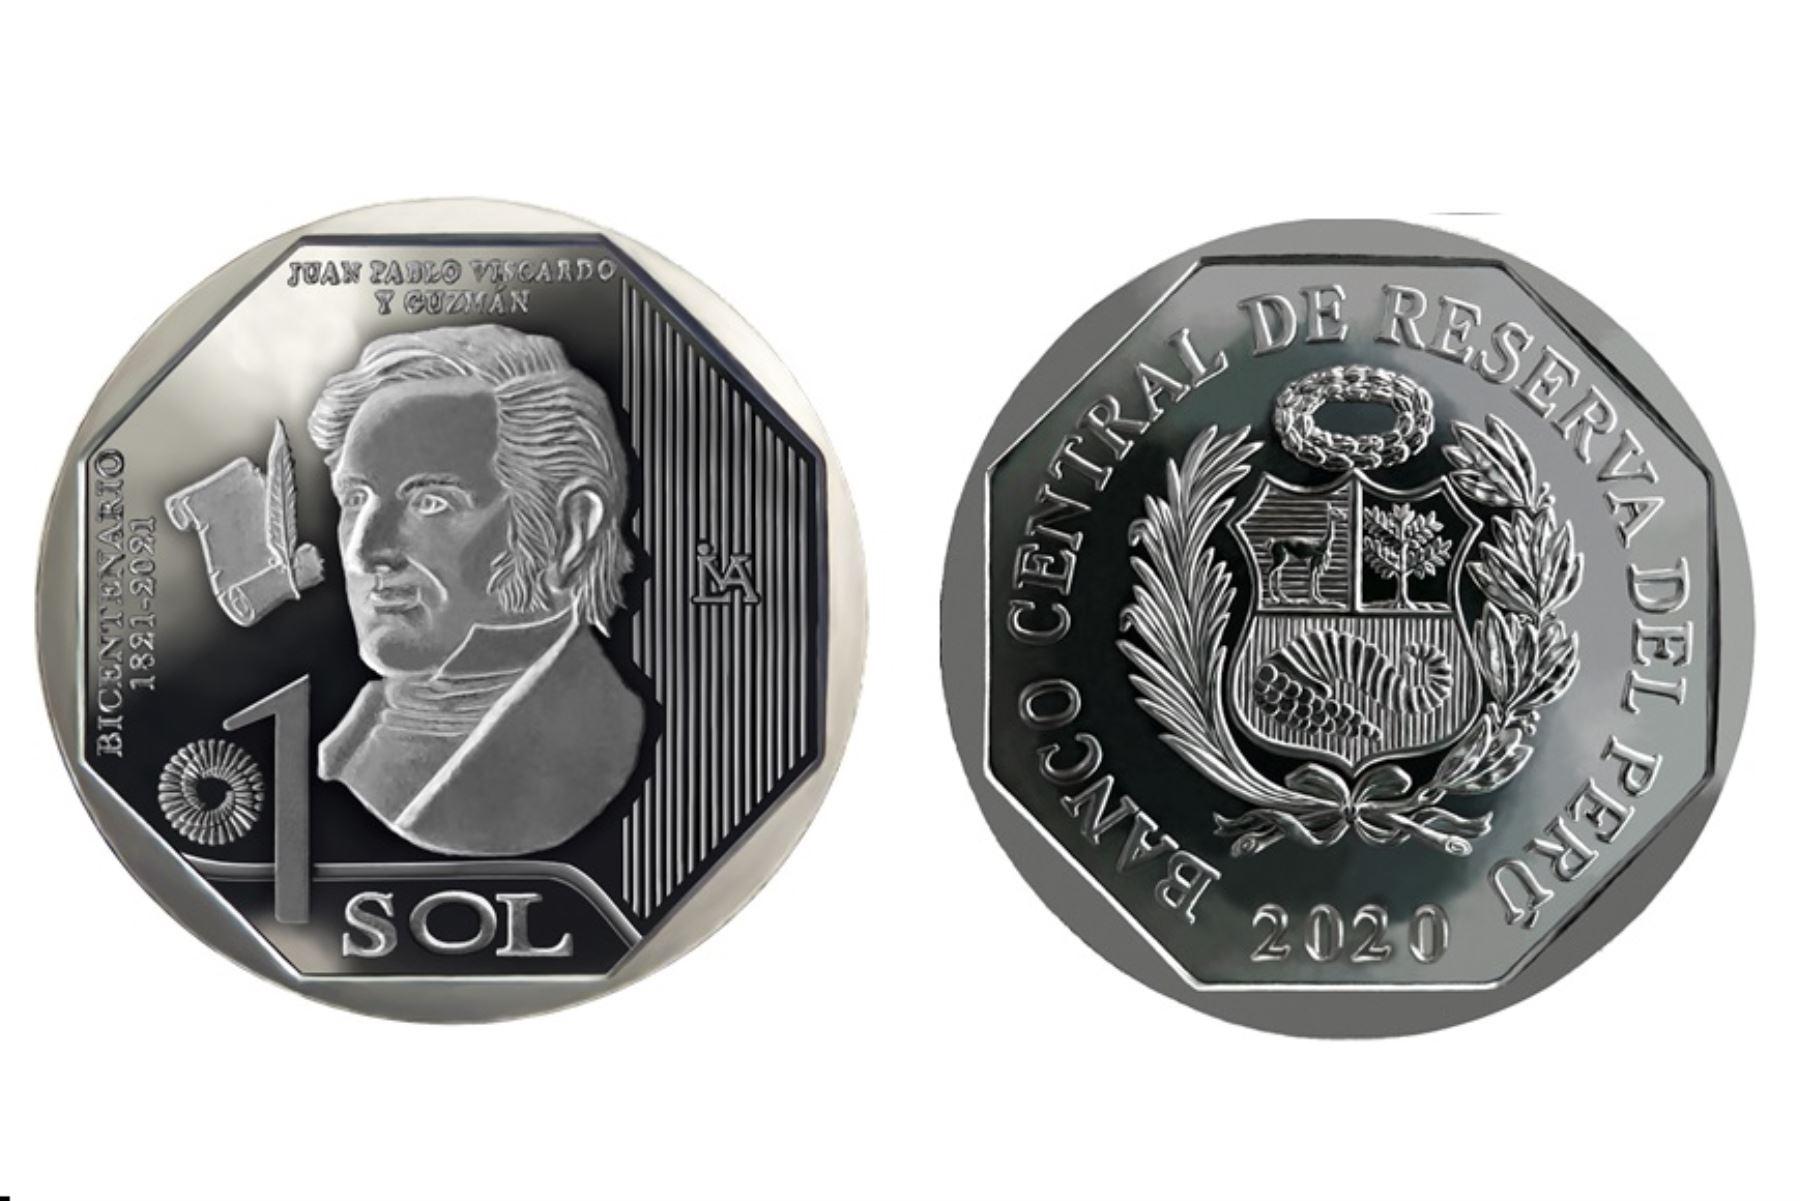 Moneda de S/1 alusiva a Juan Pablo Viscardo y Guzmán. Fuente: BCR.